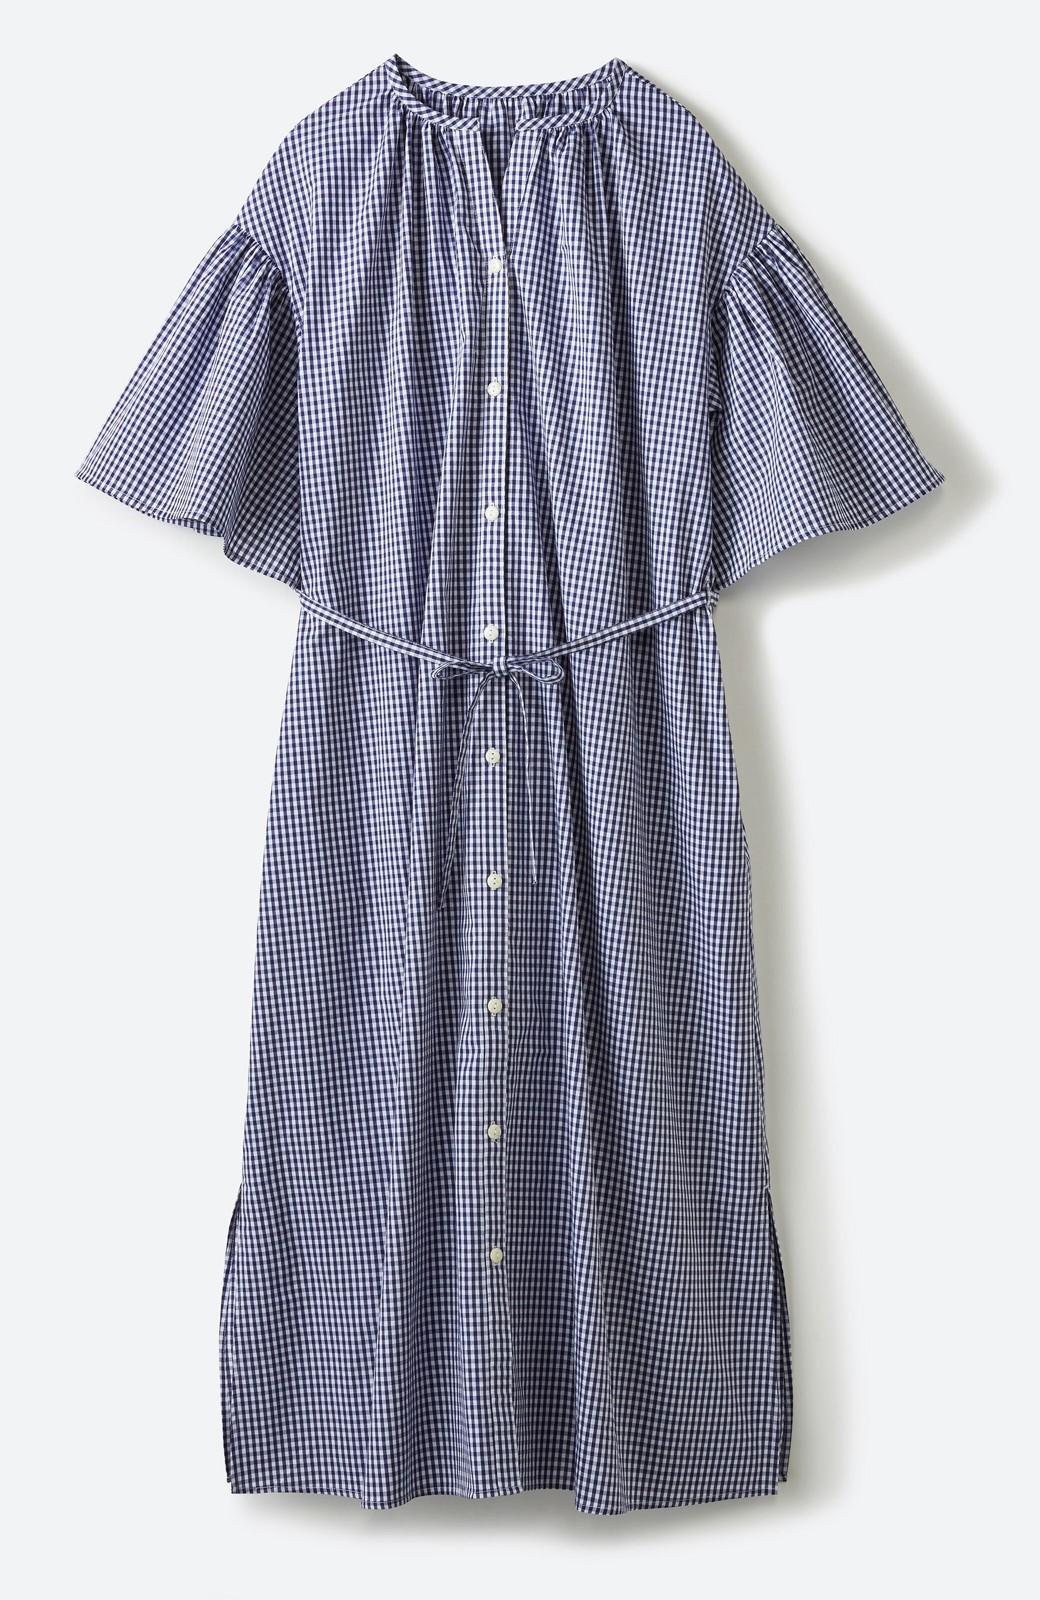 haco! 【スタッフスペシャルセット】ギリギリ女子ミオの夏のコーデに便利!手持ちのTシャツといけるんちゃうかセット  <その他>の商品写真2